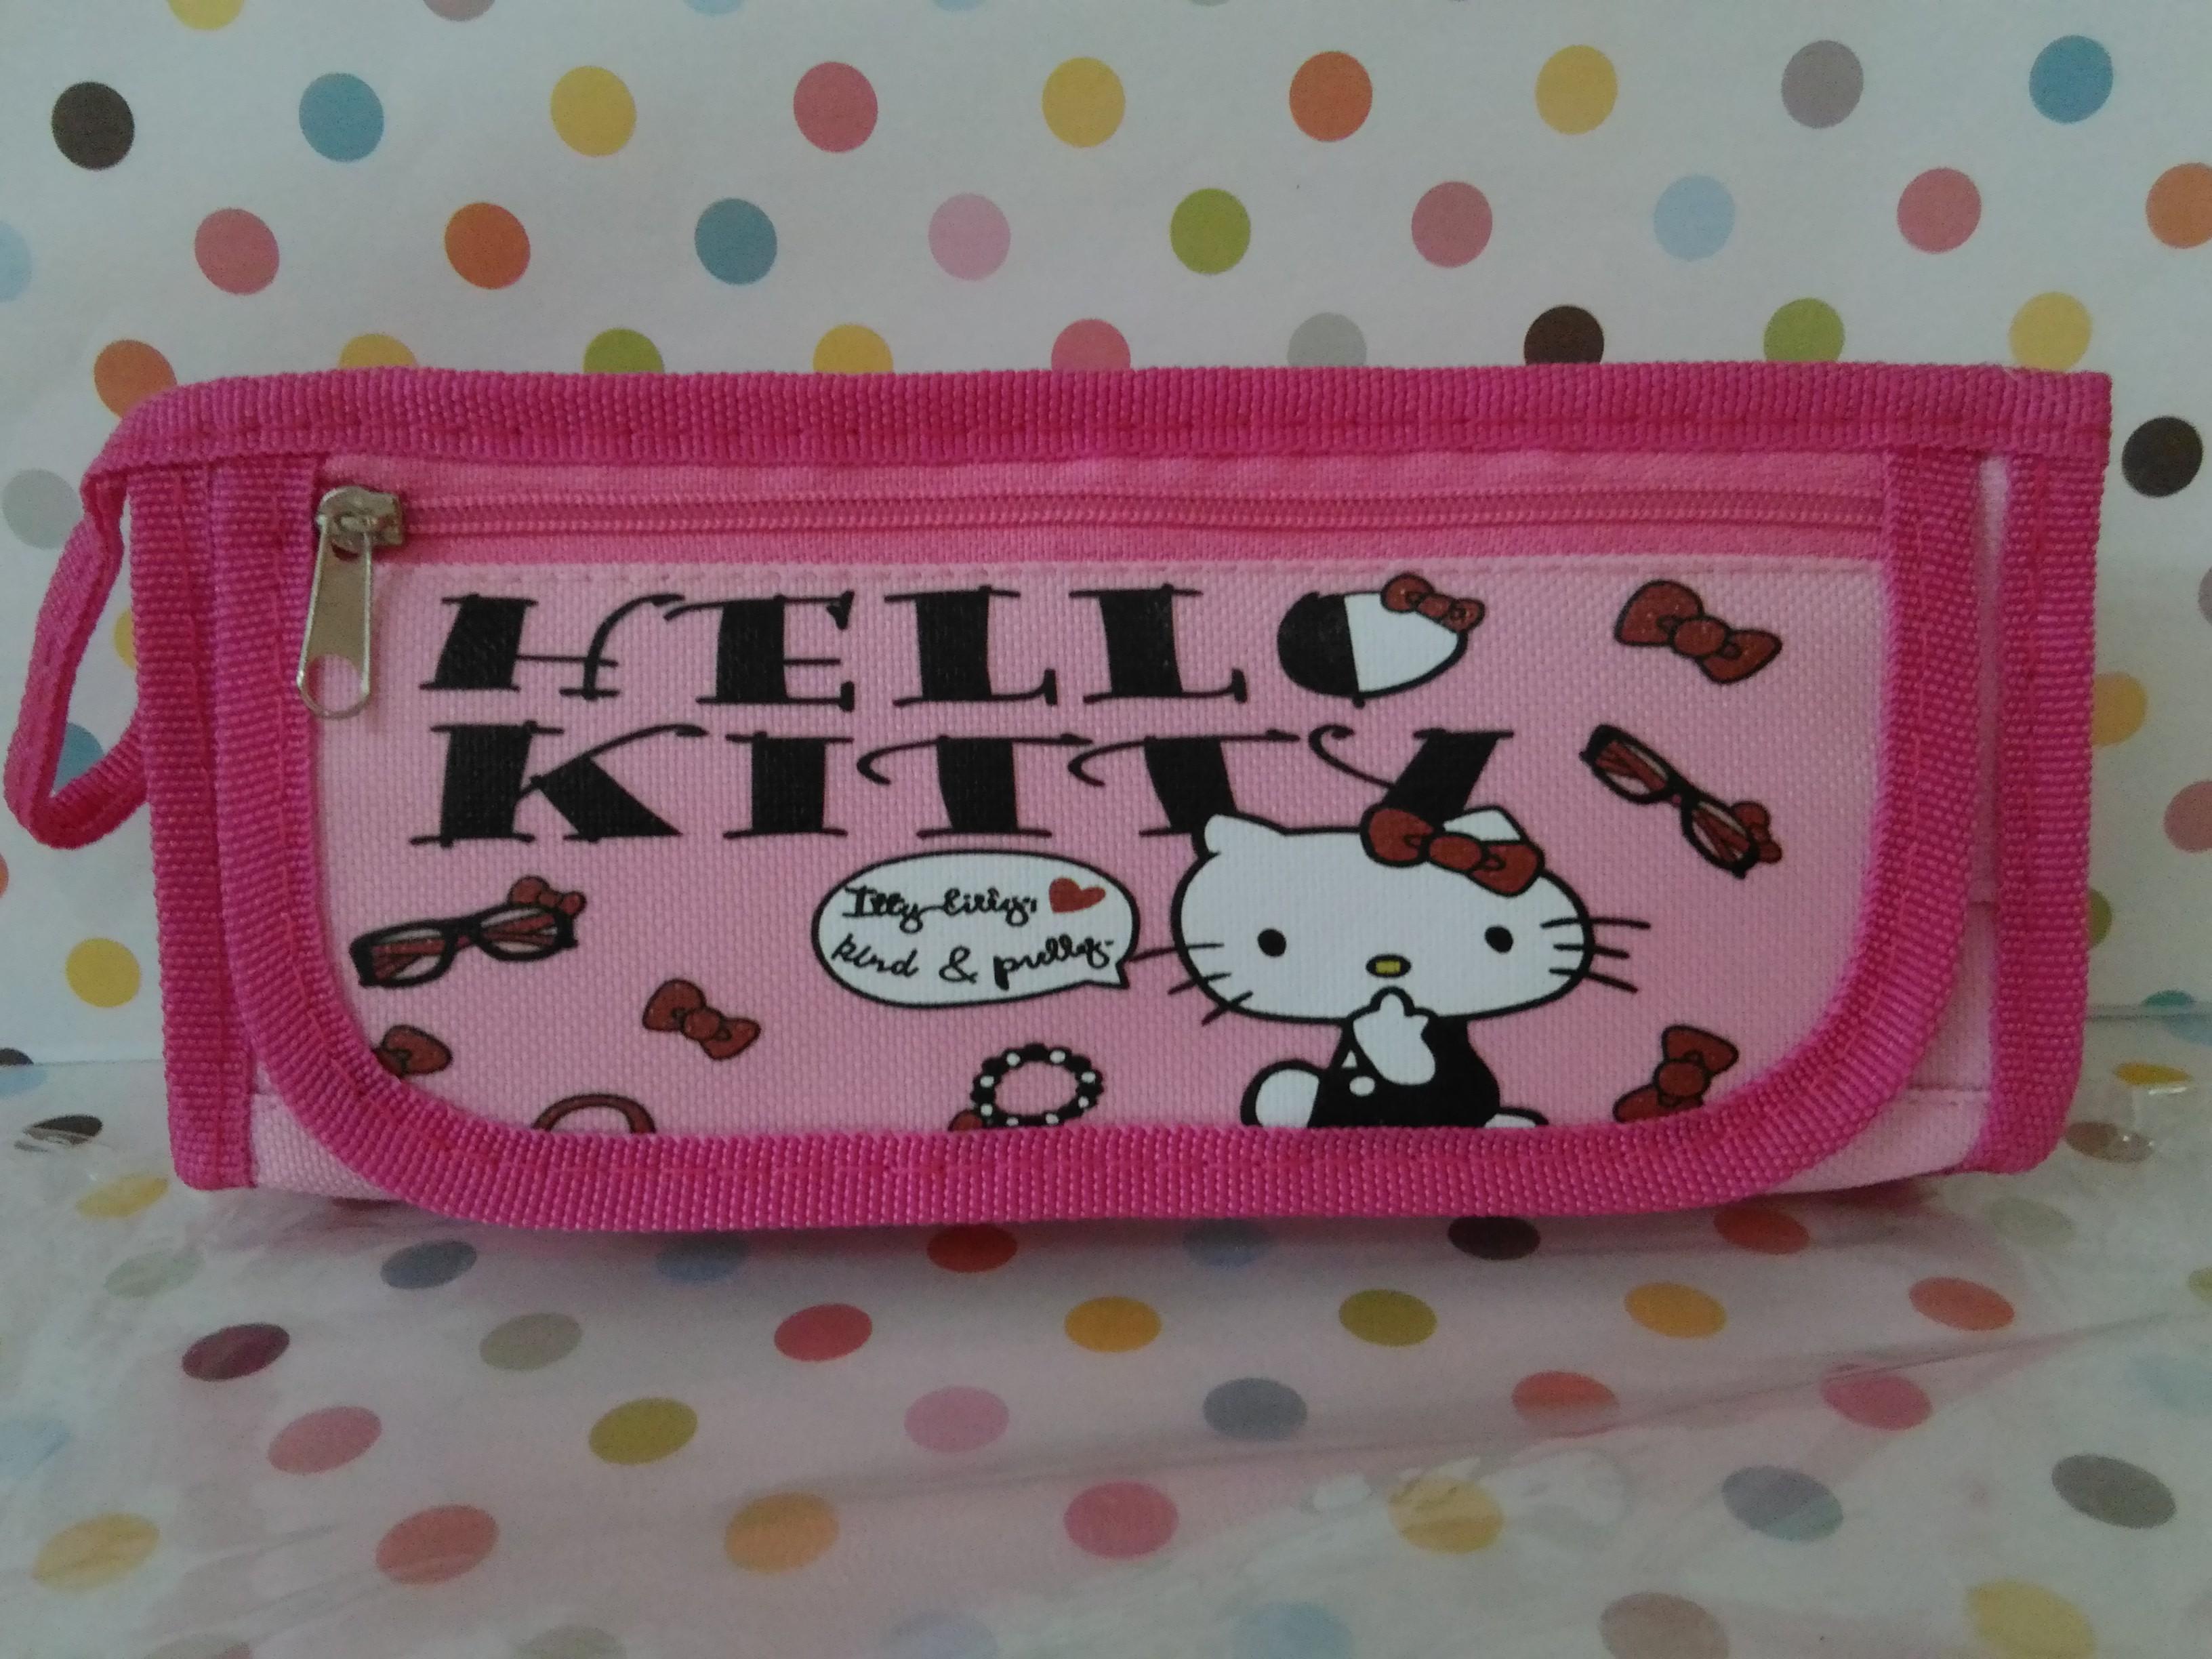 กระเป๋าใส่ดินสอปากกา ฮัลโหลคิตตี้ Hello kitty ขนาดกว้าง 2 นิ้ว * ยาว 8 นิ้ว * สูง 3.5 นิ้ว ลายฮัลโหลคิตตี้โบว์ มีช่องซิปด้านบน 1 ช่อง ด้านหน้า 1 ช่อง